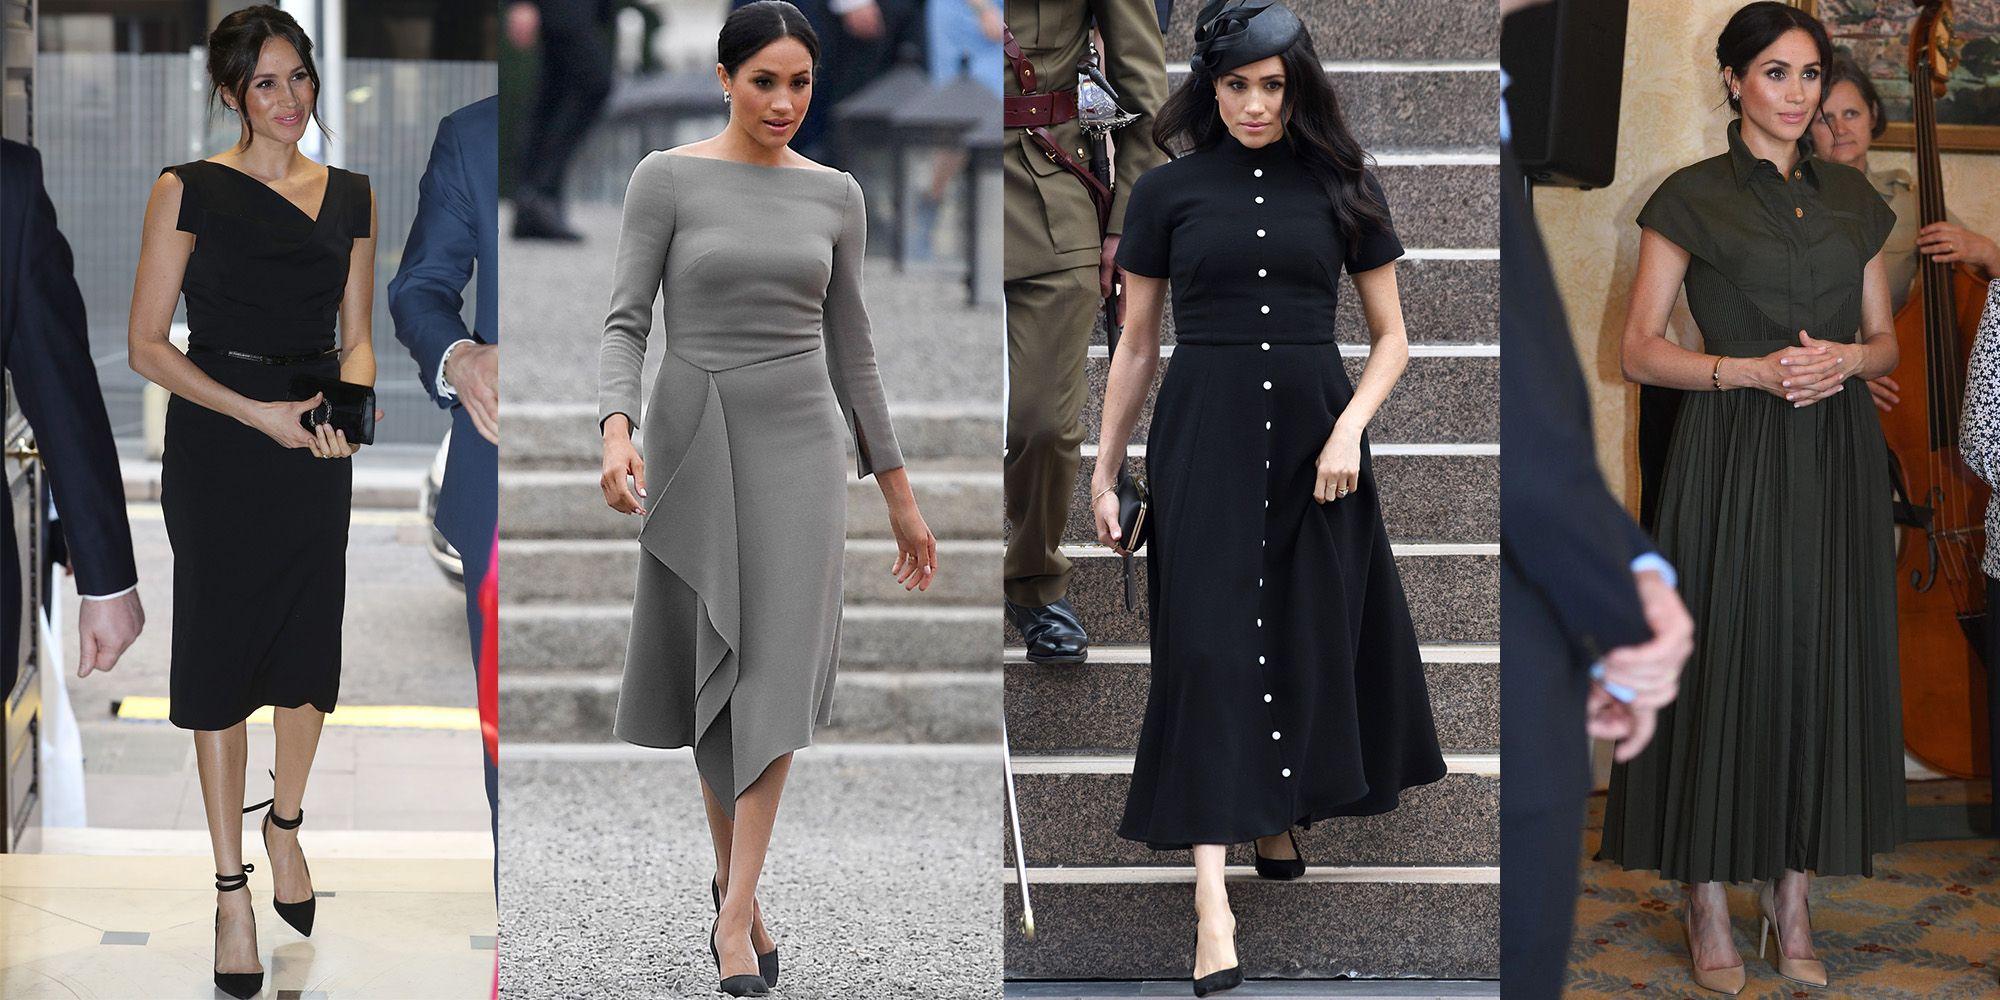 bbef58f3f070e How to Dress Like Meghan Markle - Shop Meghan Markle's Royal Duchess Style